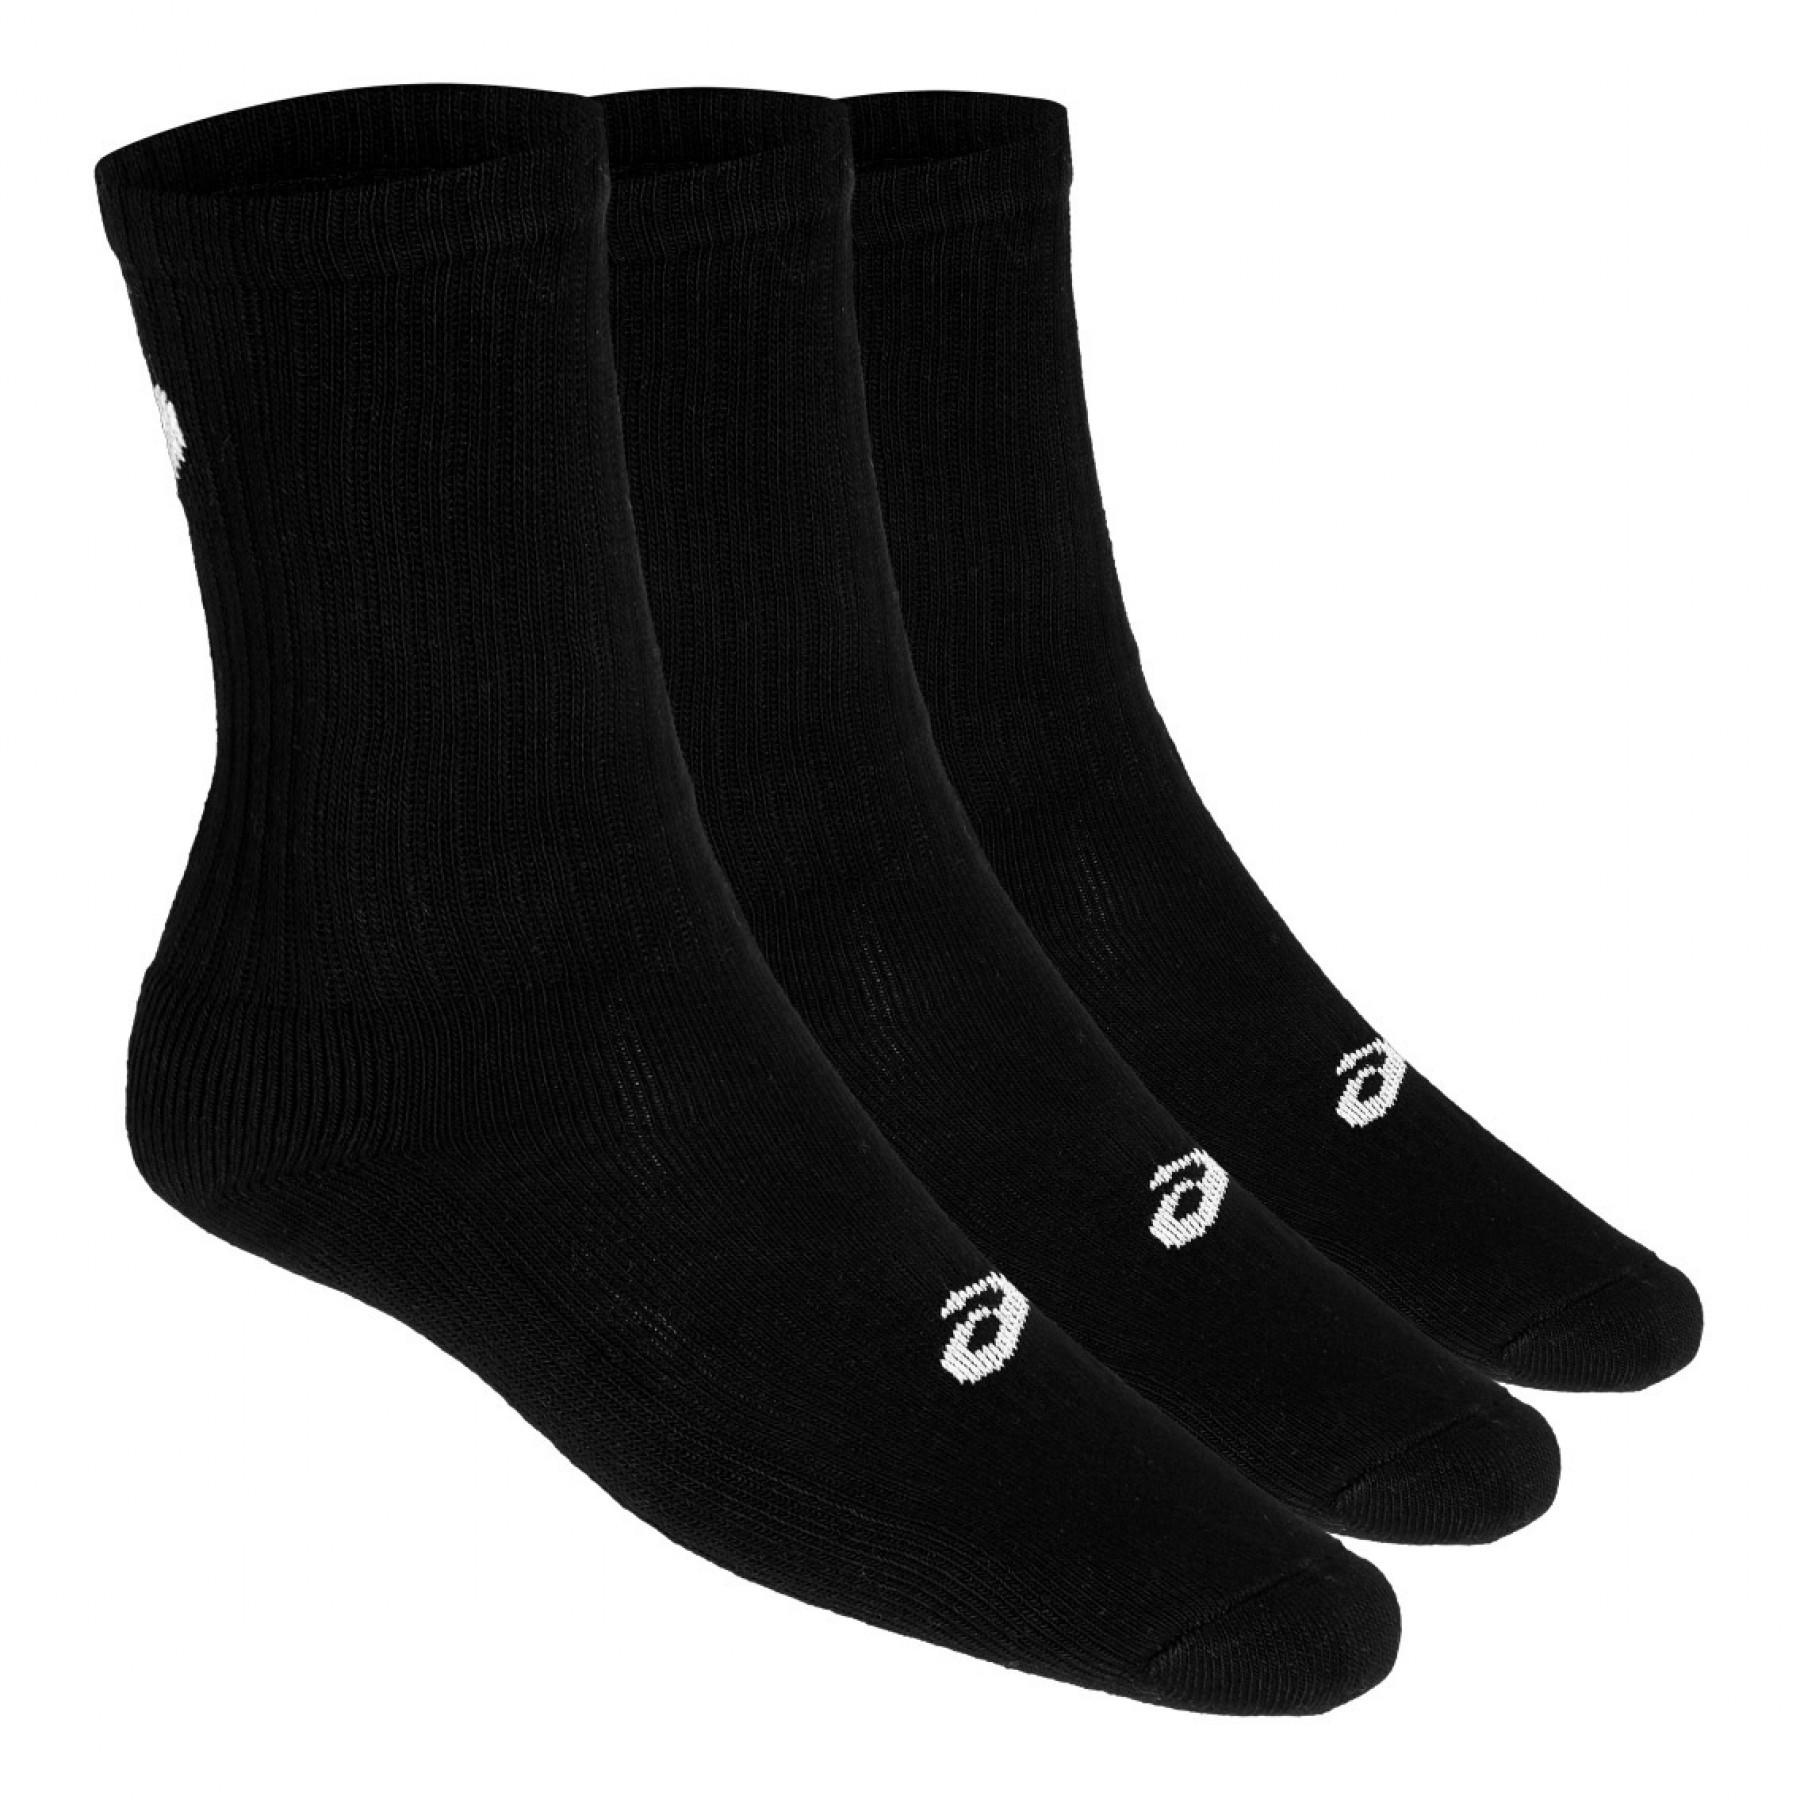 Socks Asics Crew (x3)